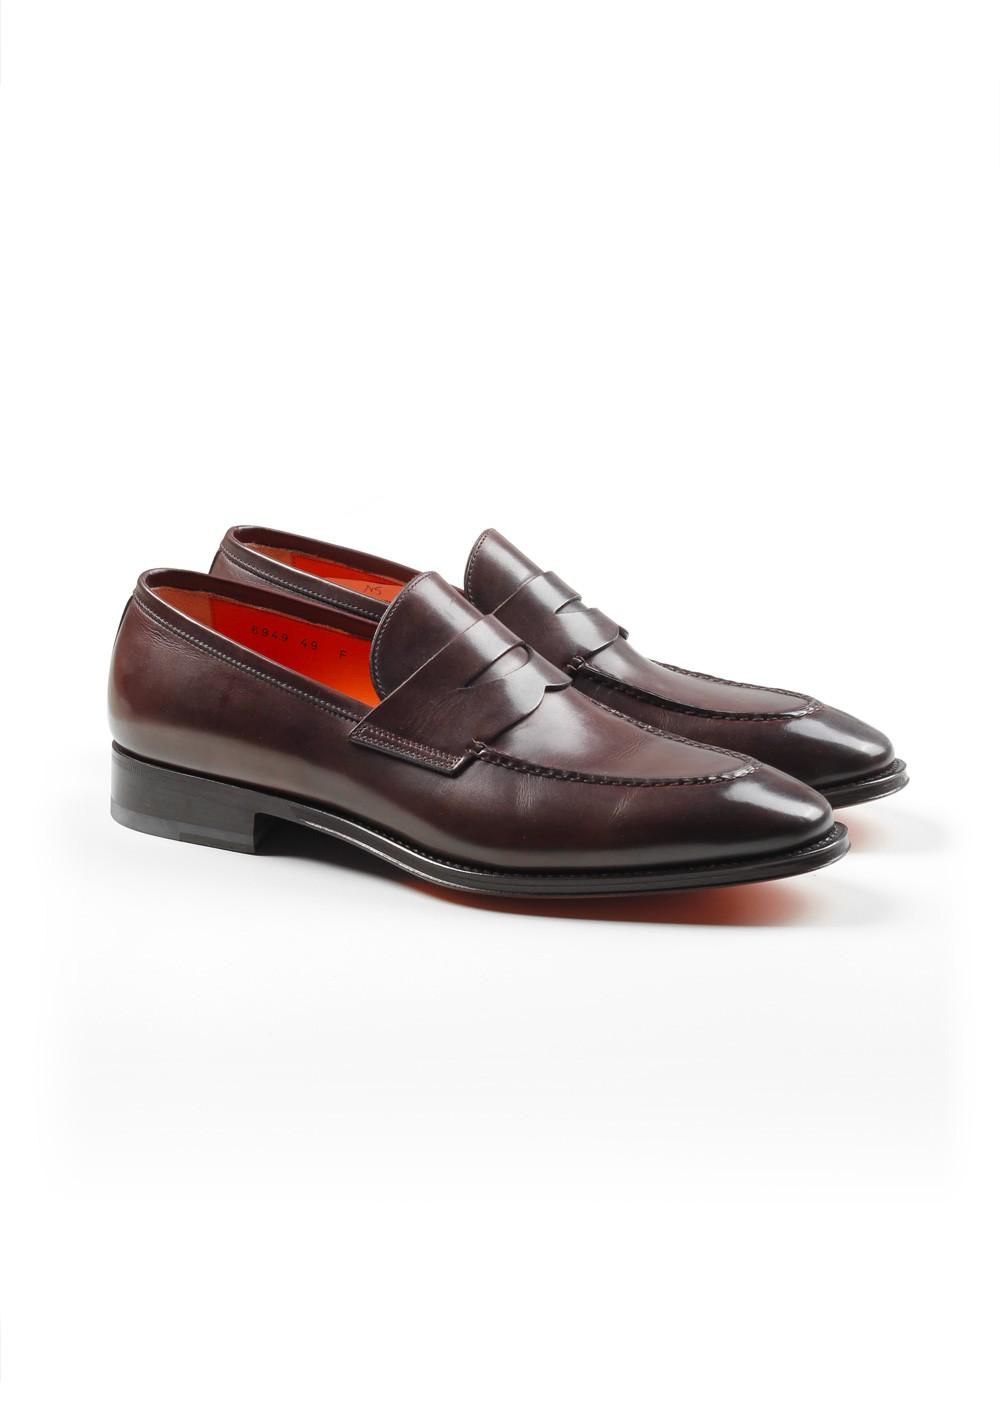 Santoni Shoes Penny Loafers Size 10.5 Uk / 11.5 U.S. / 44.5 Eur   Costume Limité